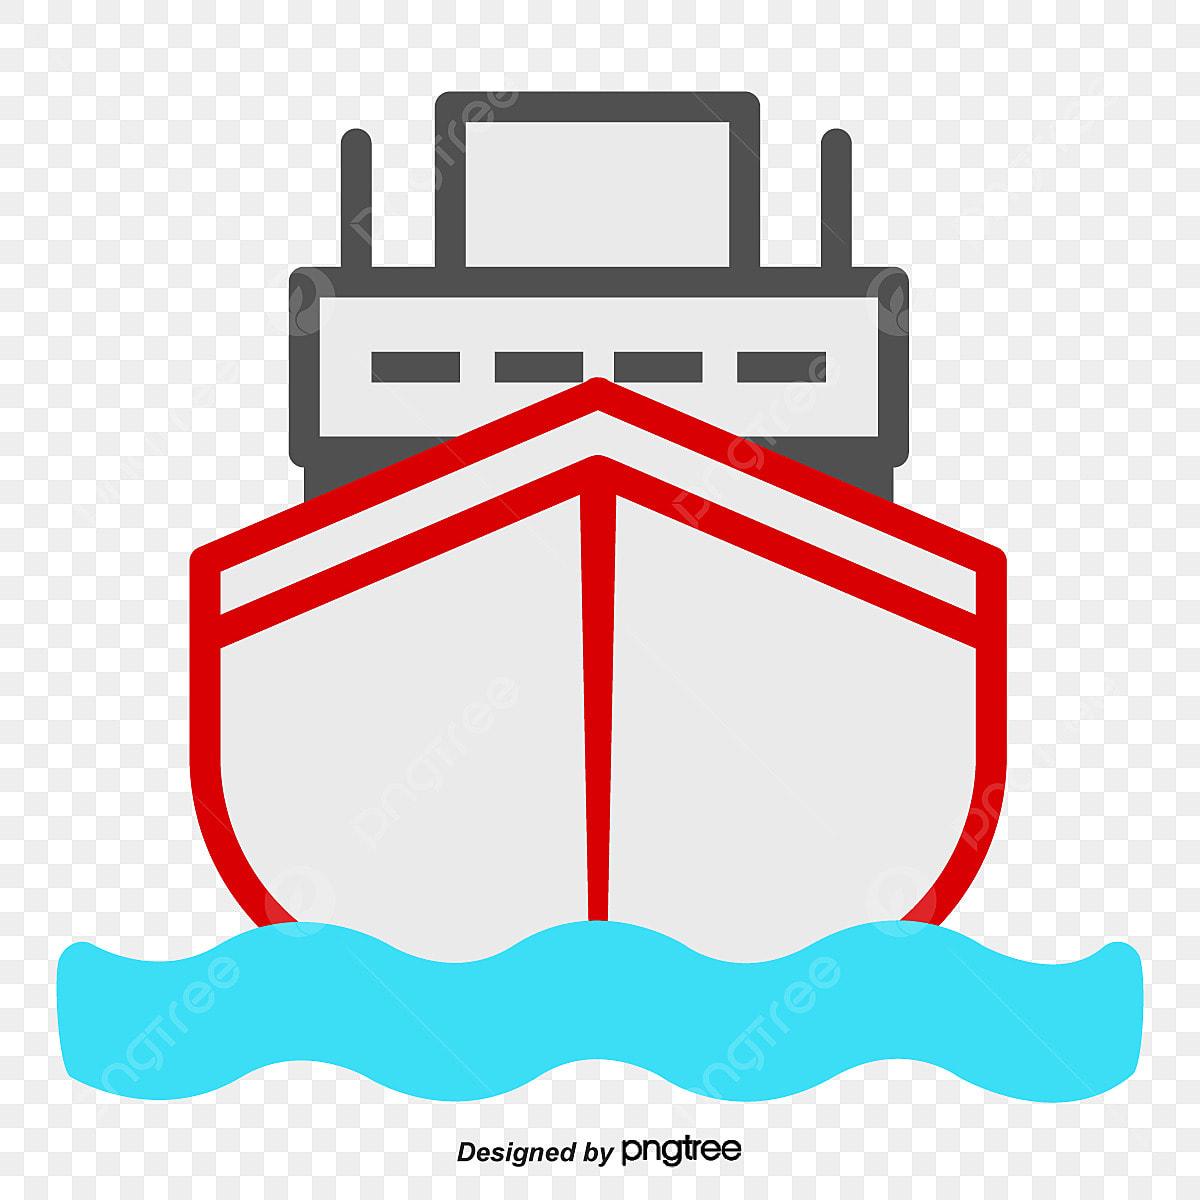 Dessin De Face De Dessin De Navire Bateau La Mer La Mer Png Et Vecteur Pour Telechargement Gratuit